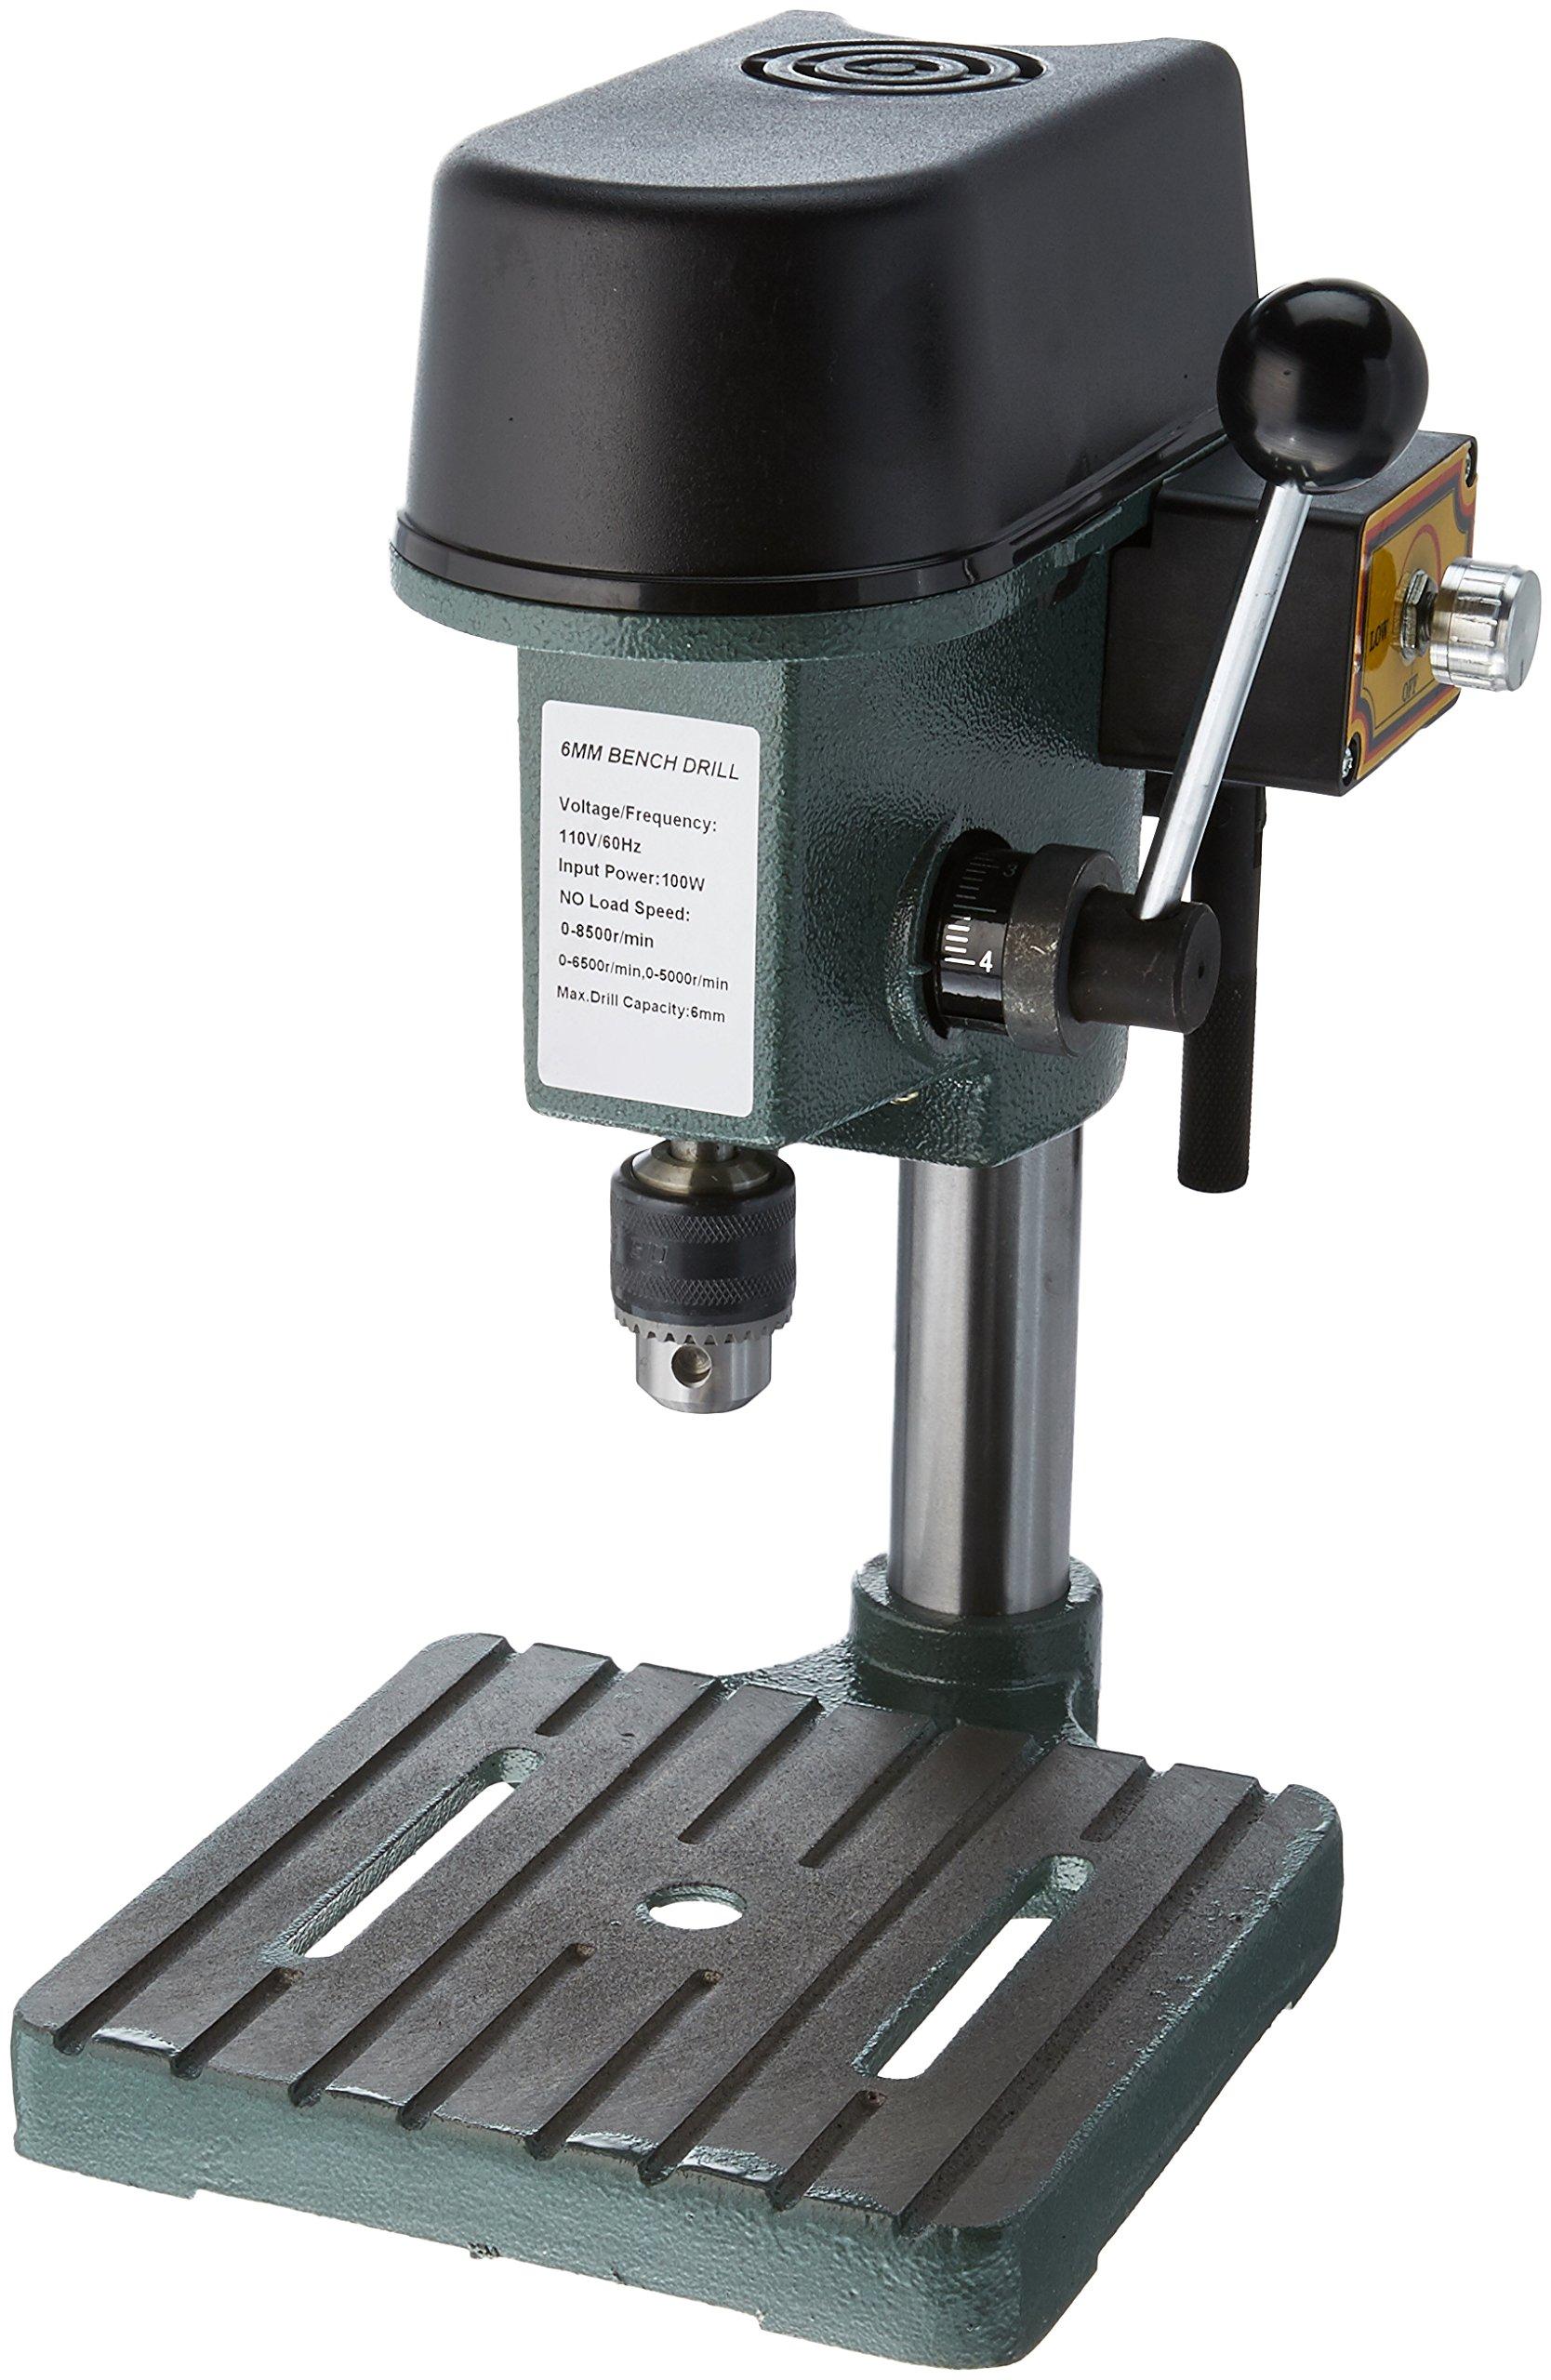 Gino Development 01-0822 0-8500 rpm TruePower Precision Mini Drill Press with 3 Range Variable Speed Control, 1/4''